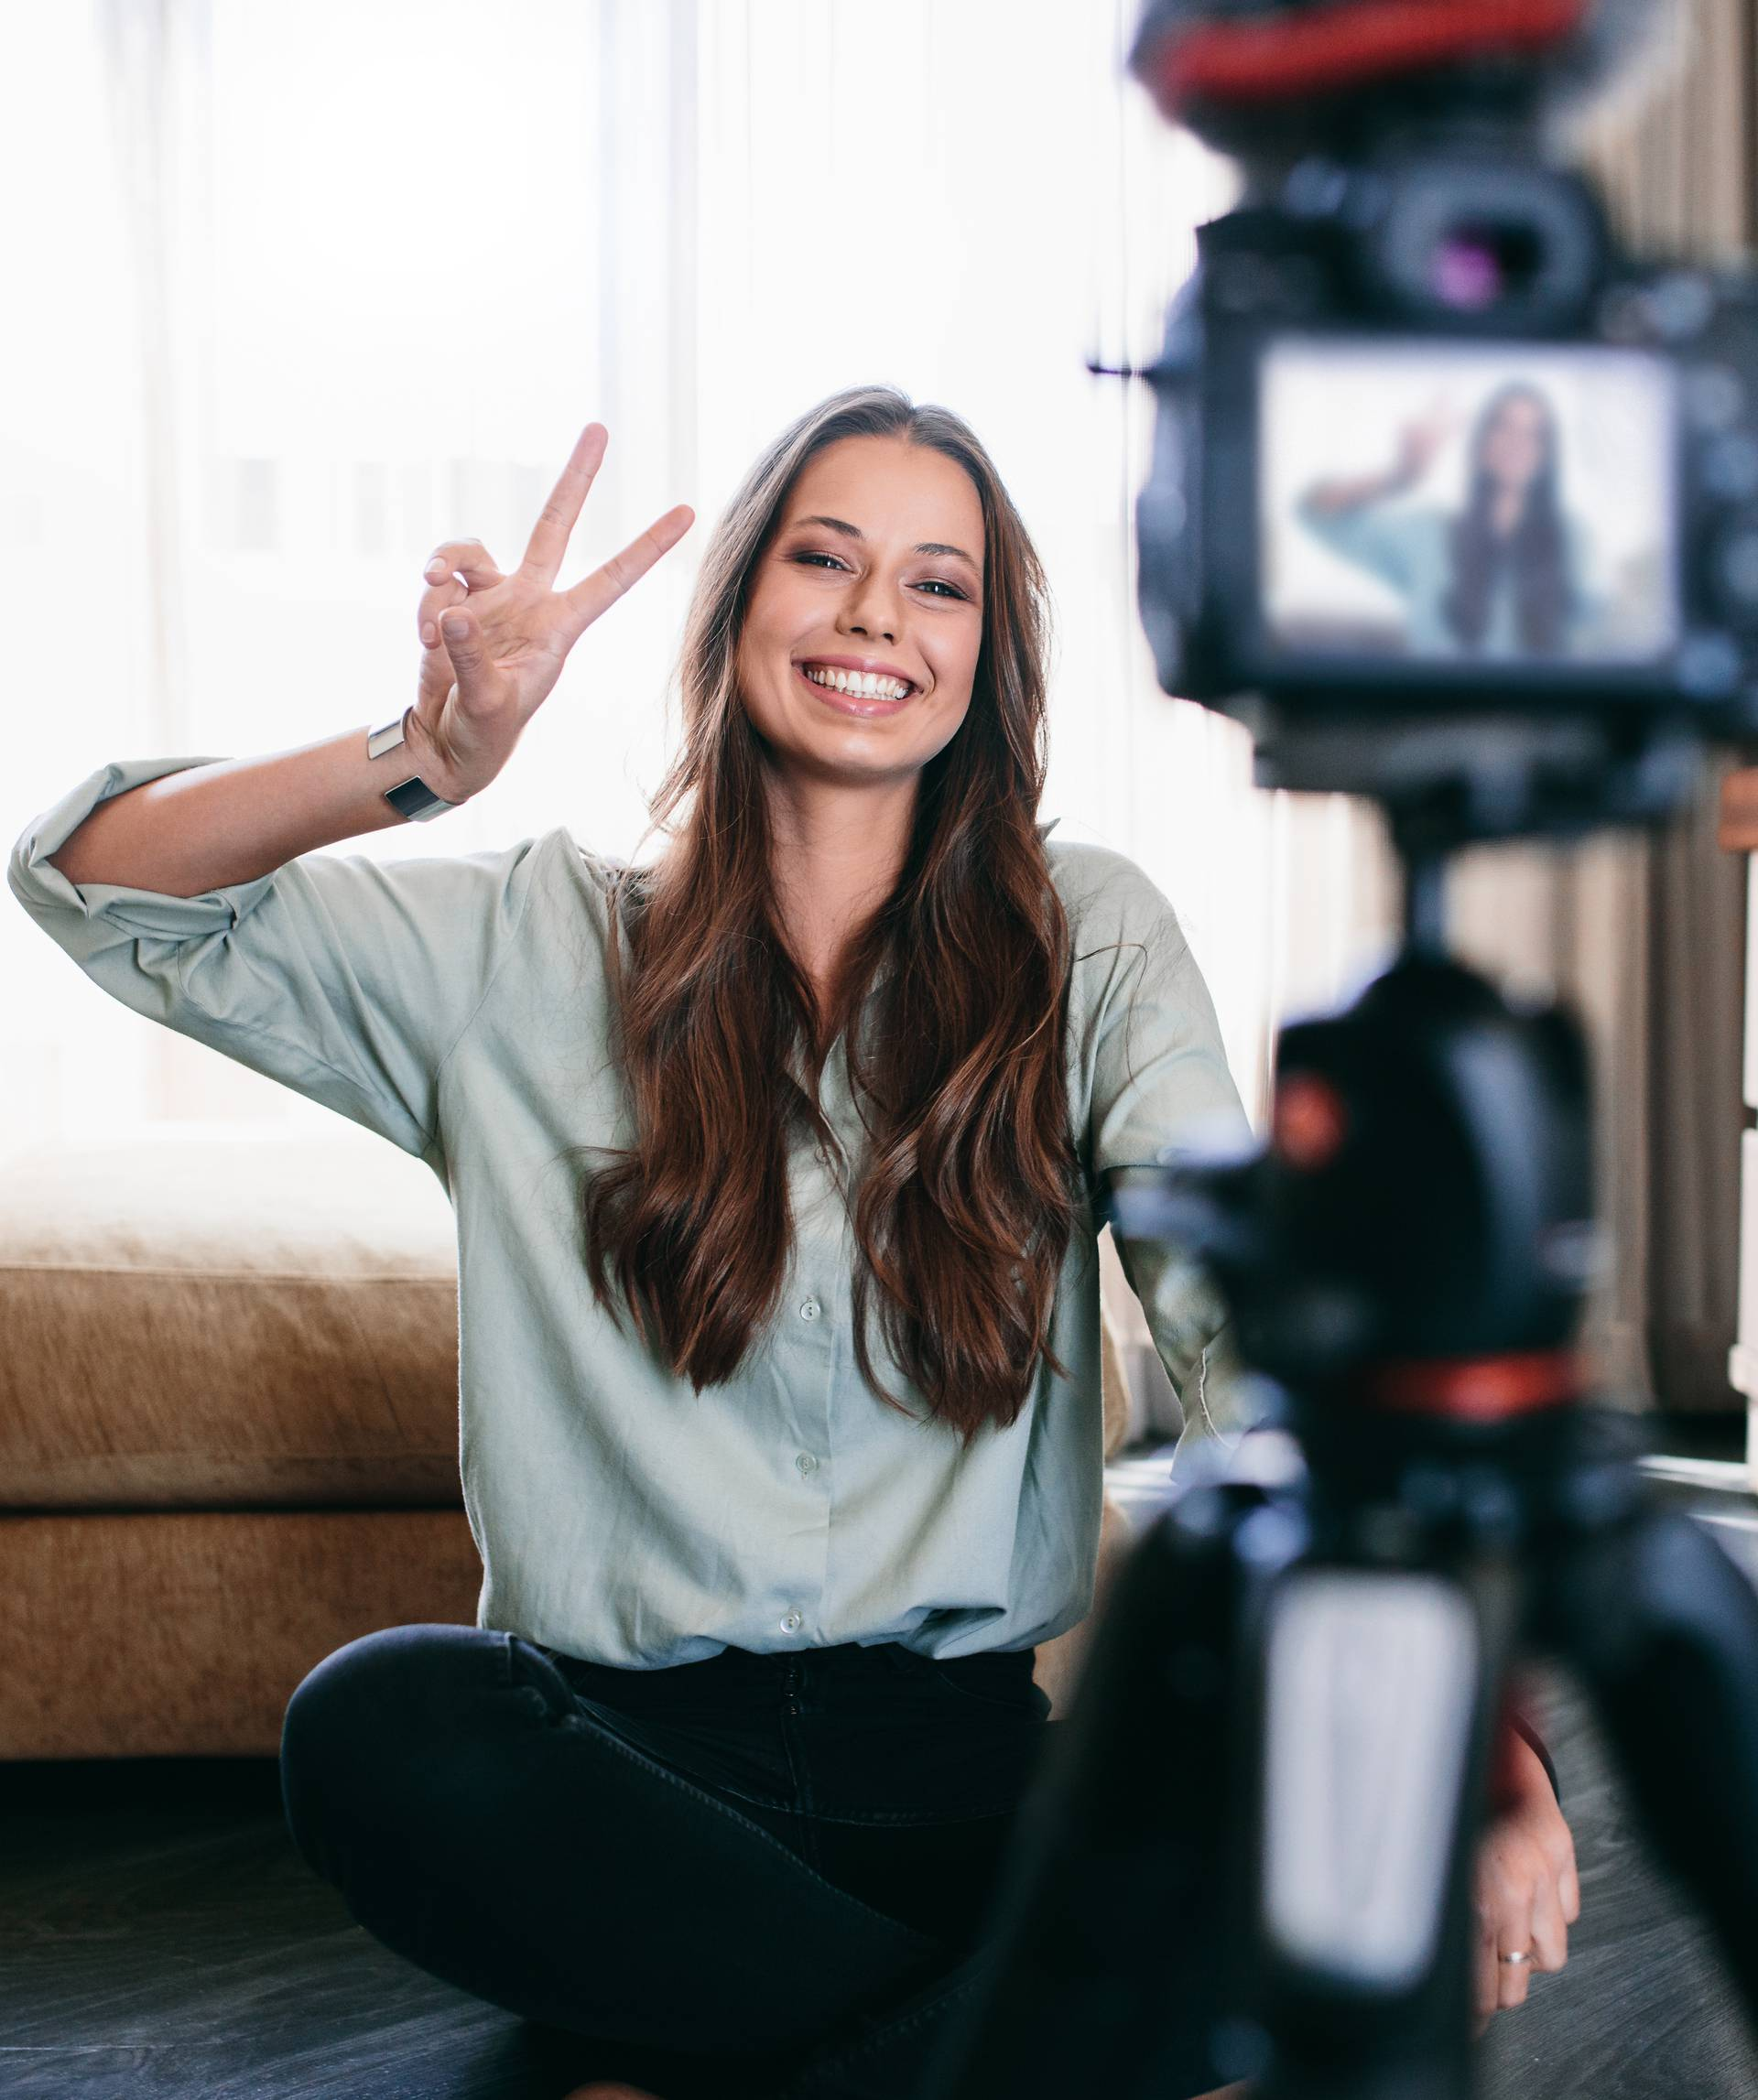 Najpoželjnija karijera među mladima je ona na YouTubeu